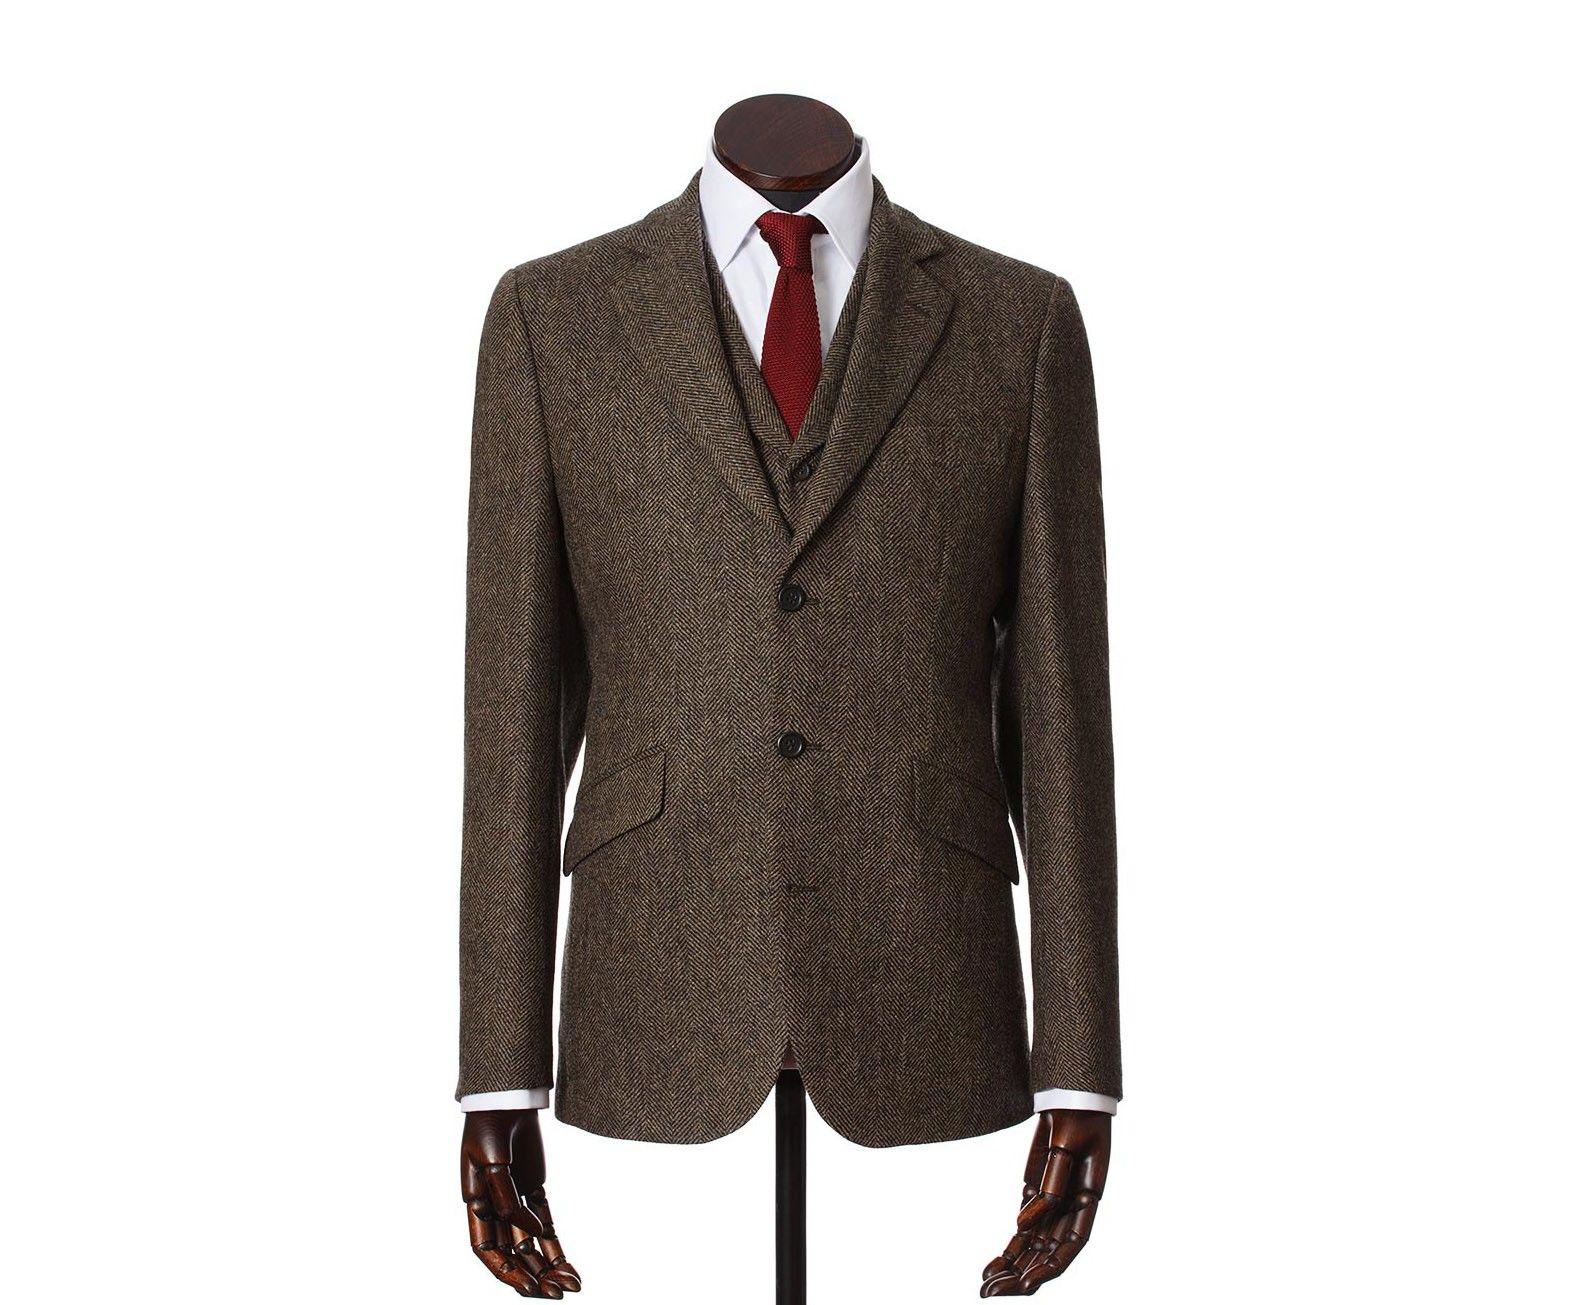 cea044088dd0 James Men's Tweed Suit Jacket in Brown Wide Herringbone Shetland Tweed -  Walker Slater